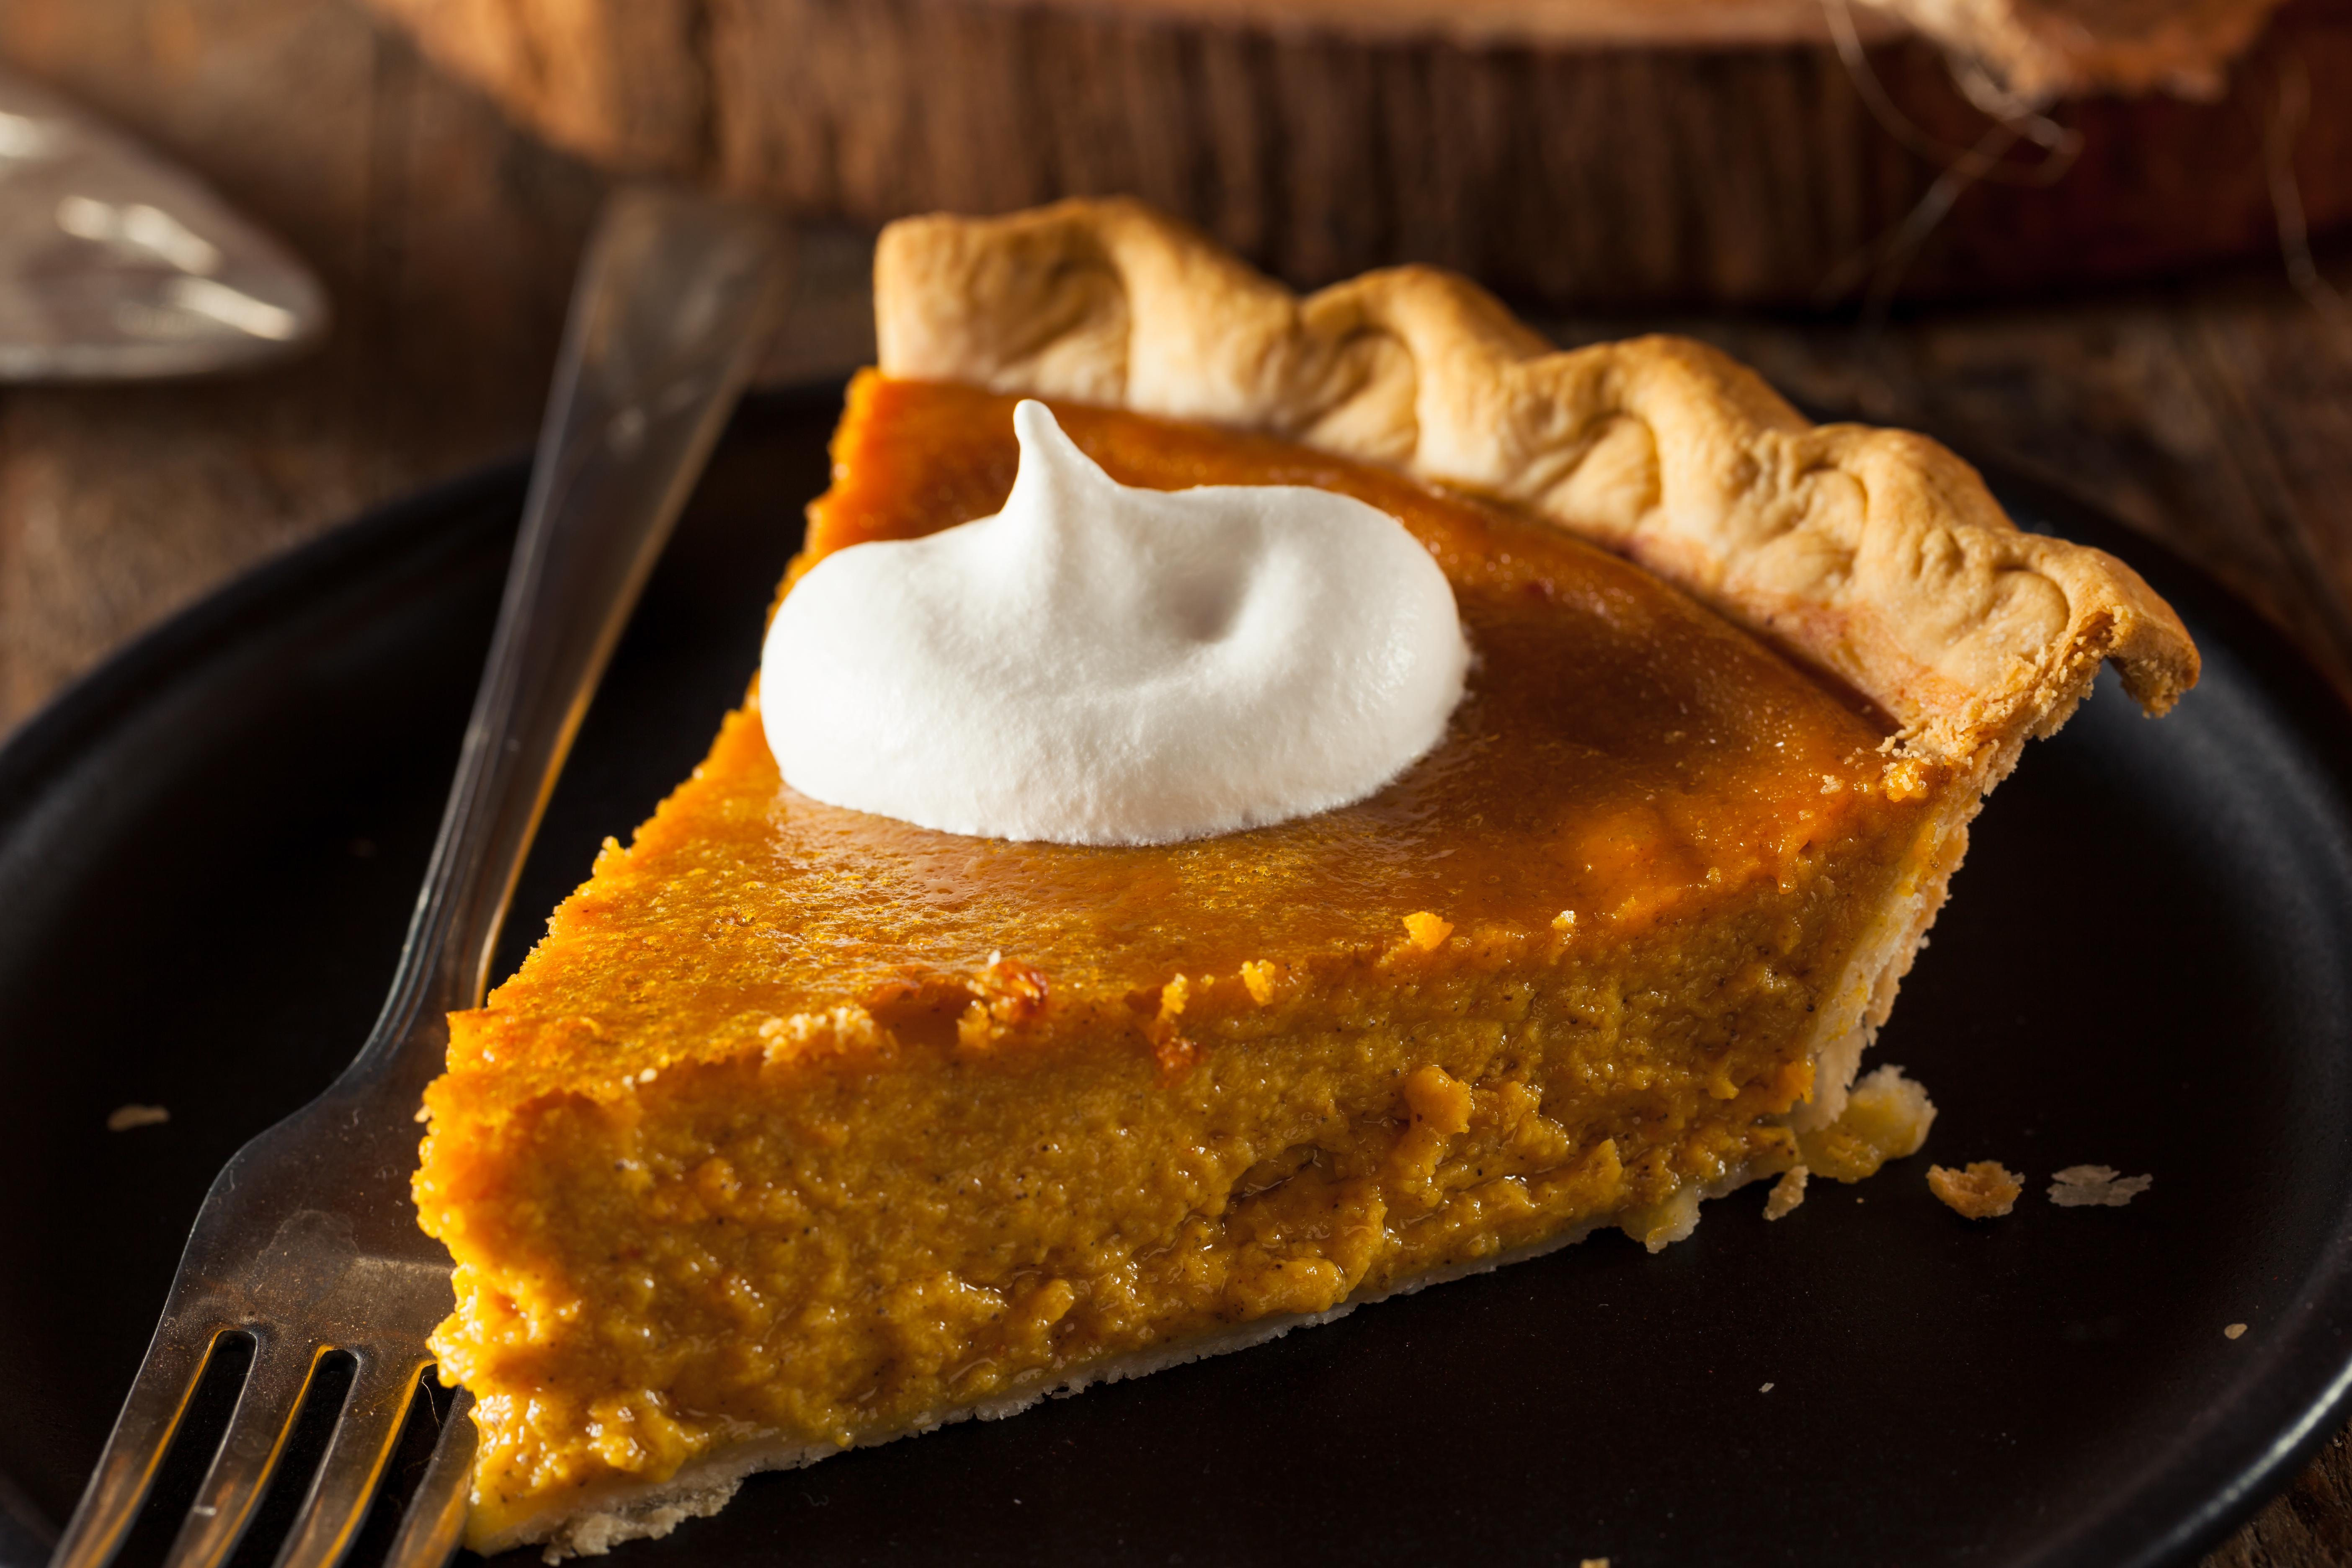 Real Pumpkin Pie Made From Homegrown Pumpkins Is Unbeatable